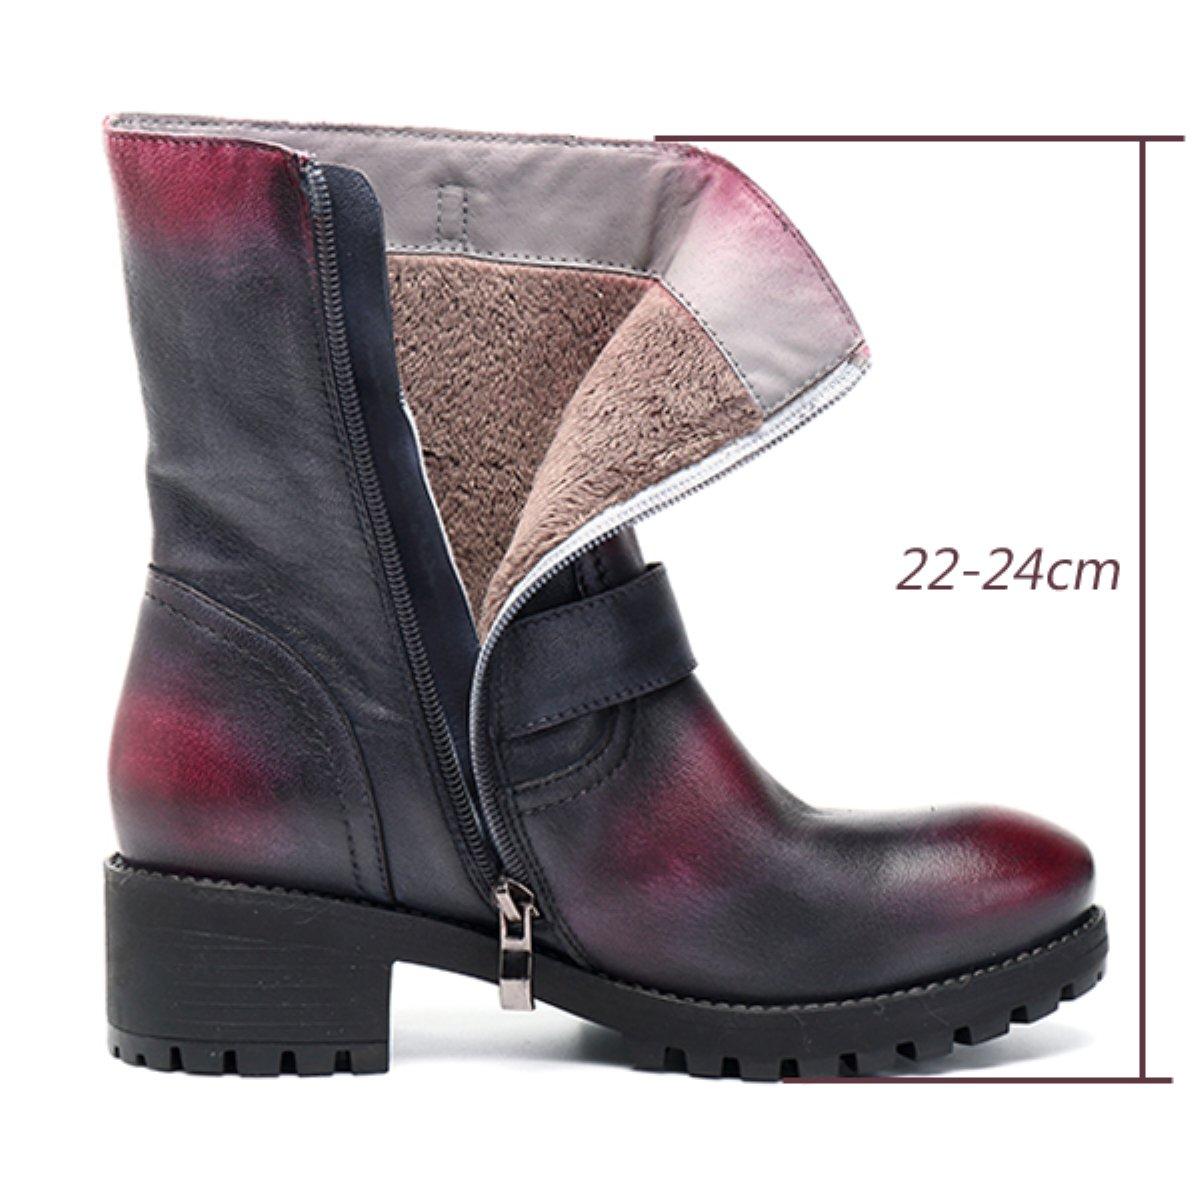 Socofy Damen Kurzschaft Stiefel Leather Ankle Stiefel Damen Kurzschaft Stiefel Stiefel Stiefel Klassische Kurz Stiefel Handmade Lederstiefel Zipper Chukka Stiefel(Hersteller-Größentabelle IM Bild Beachten) 6a7a52